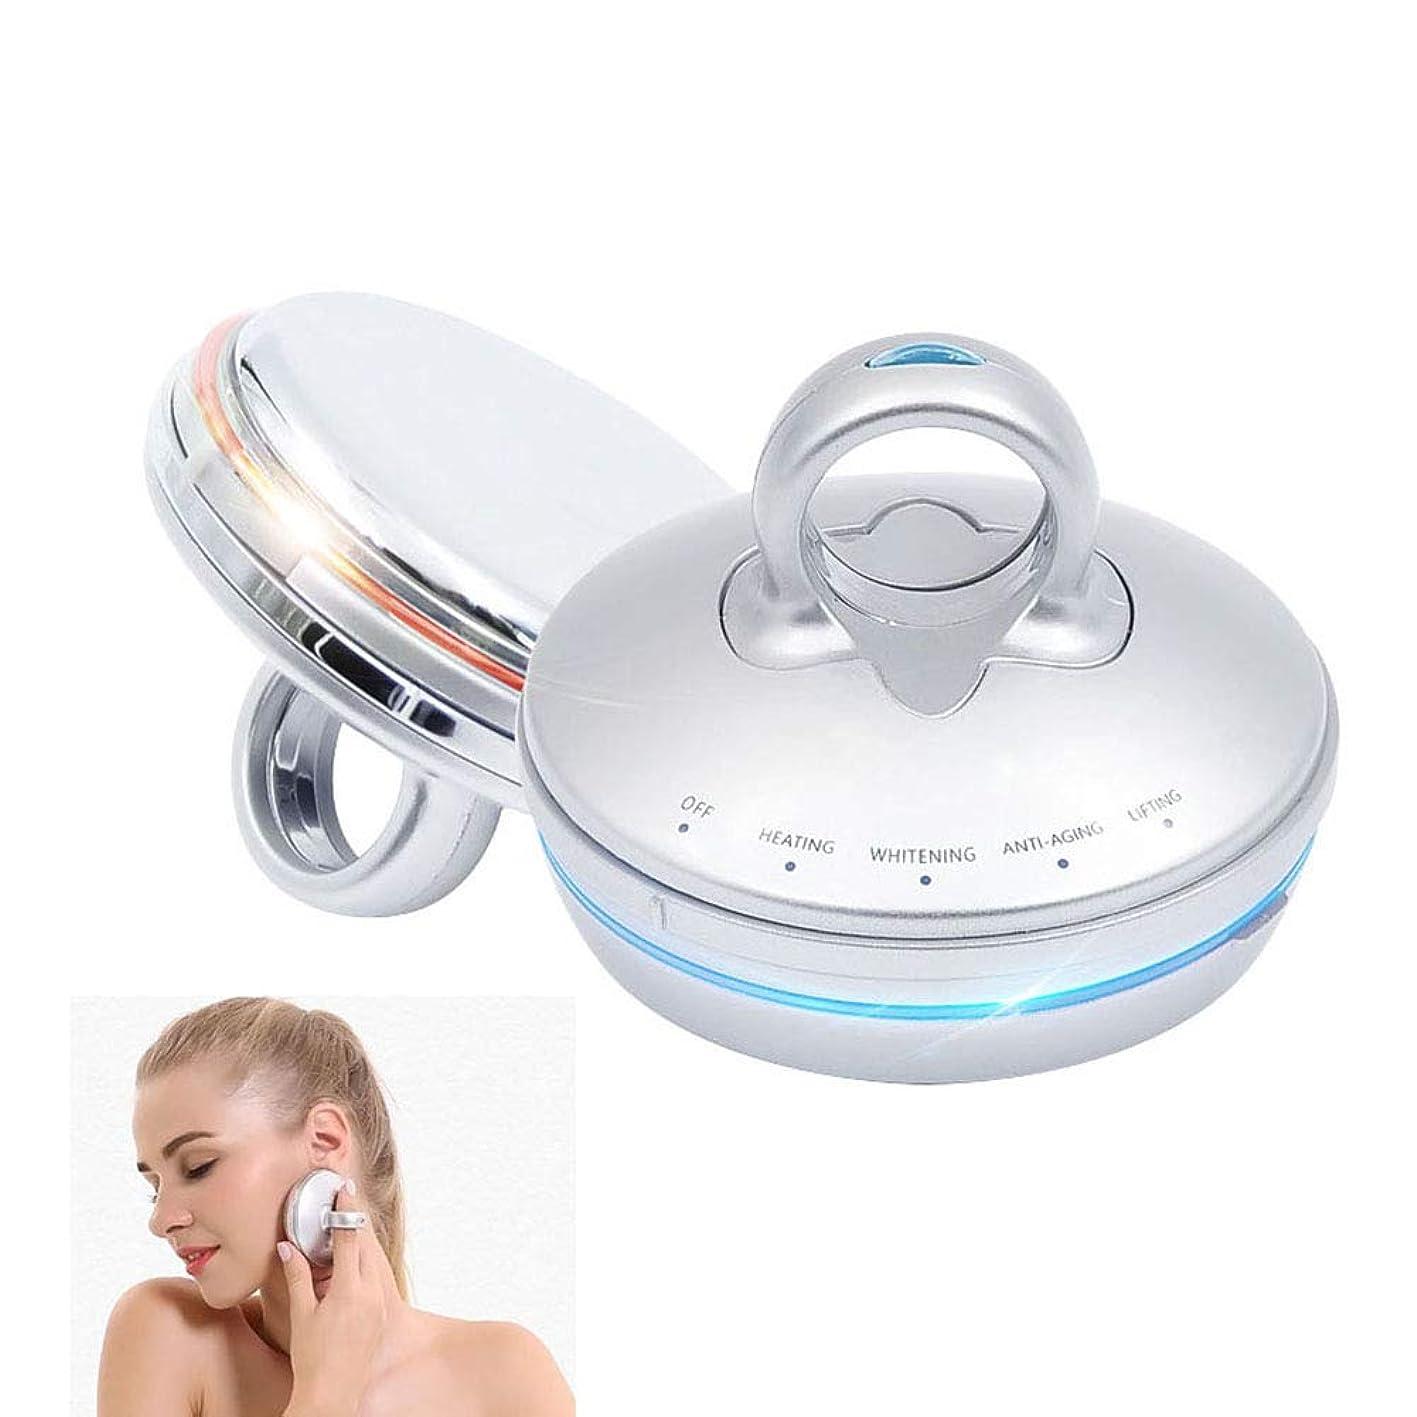 主婦近所の羊の服を着た狼Ultrasonic beauty device, RF face-lift EMS ultrasonic beauty instrument- home lifting firming beauty